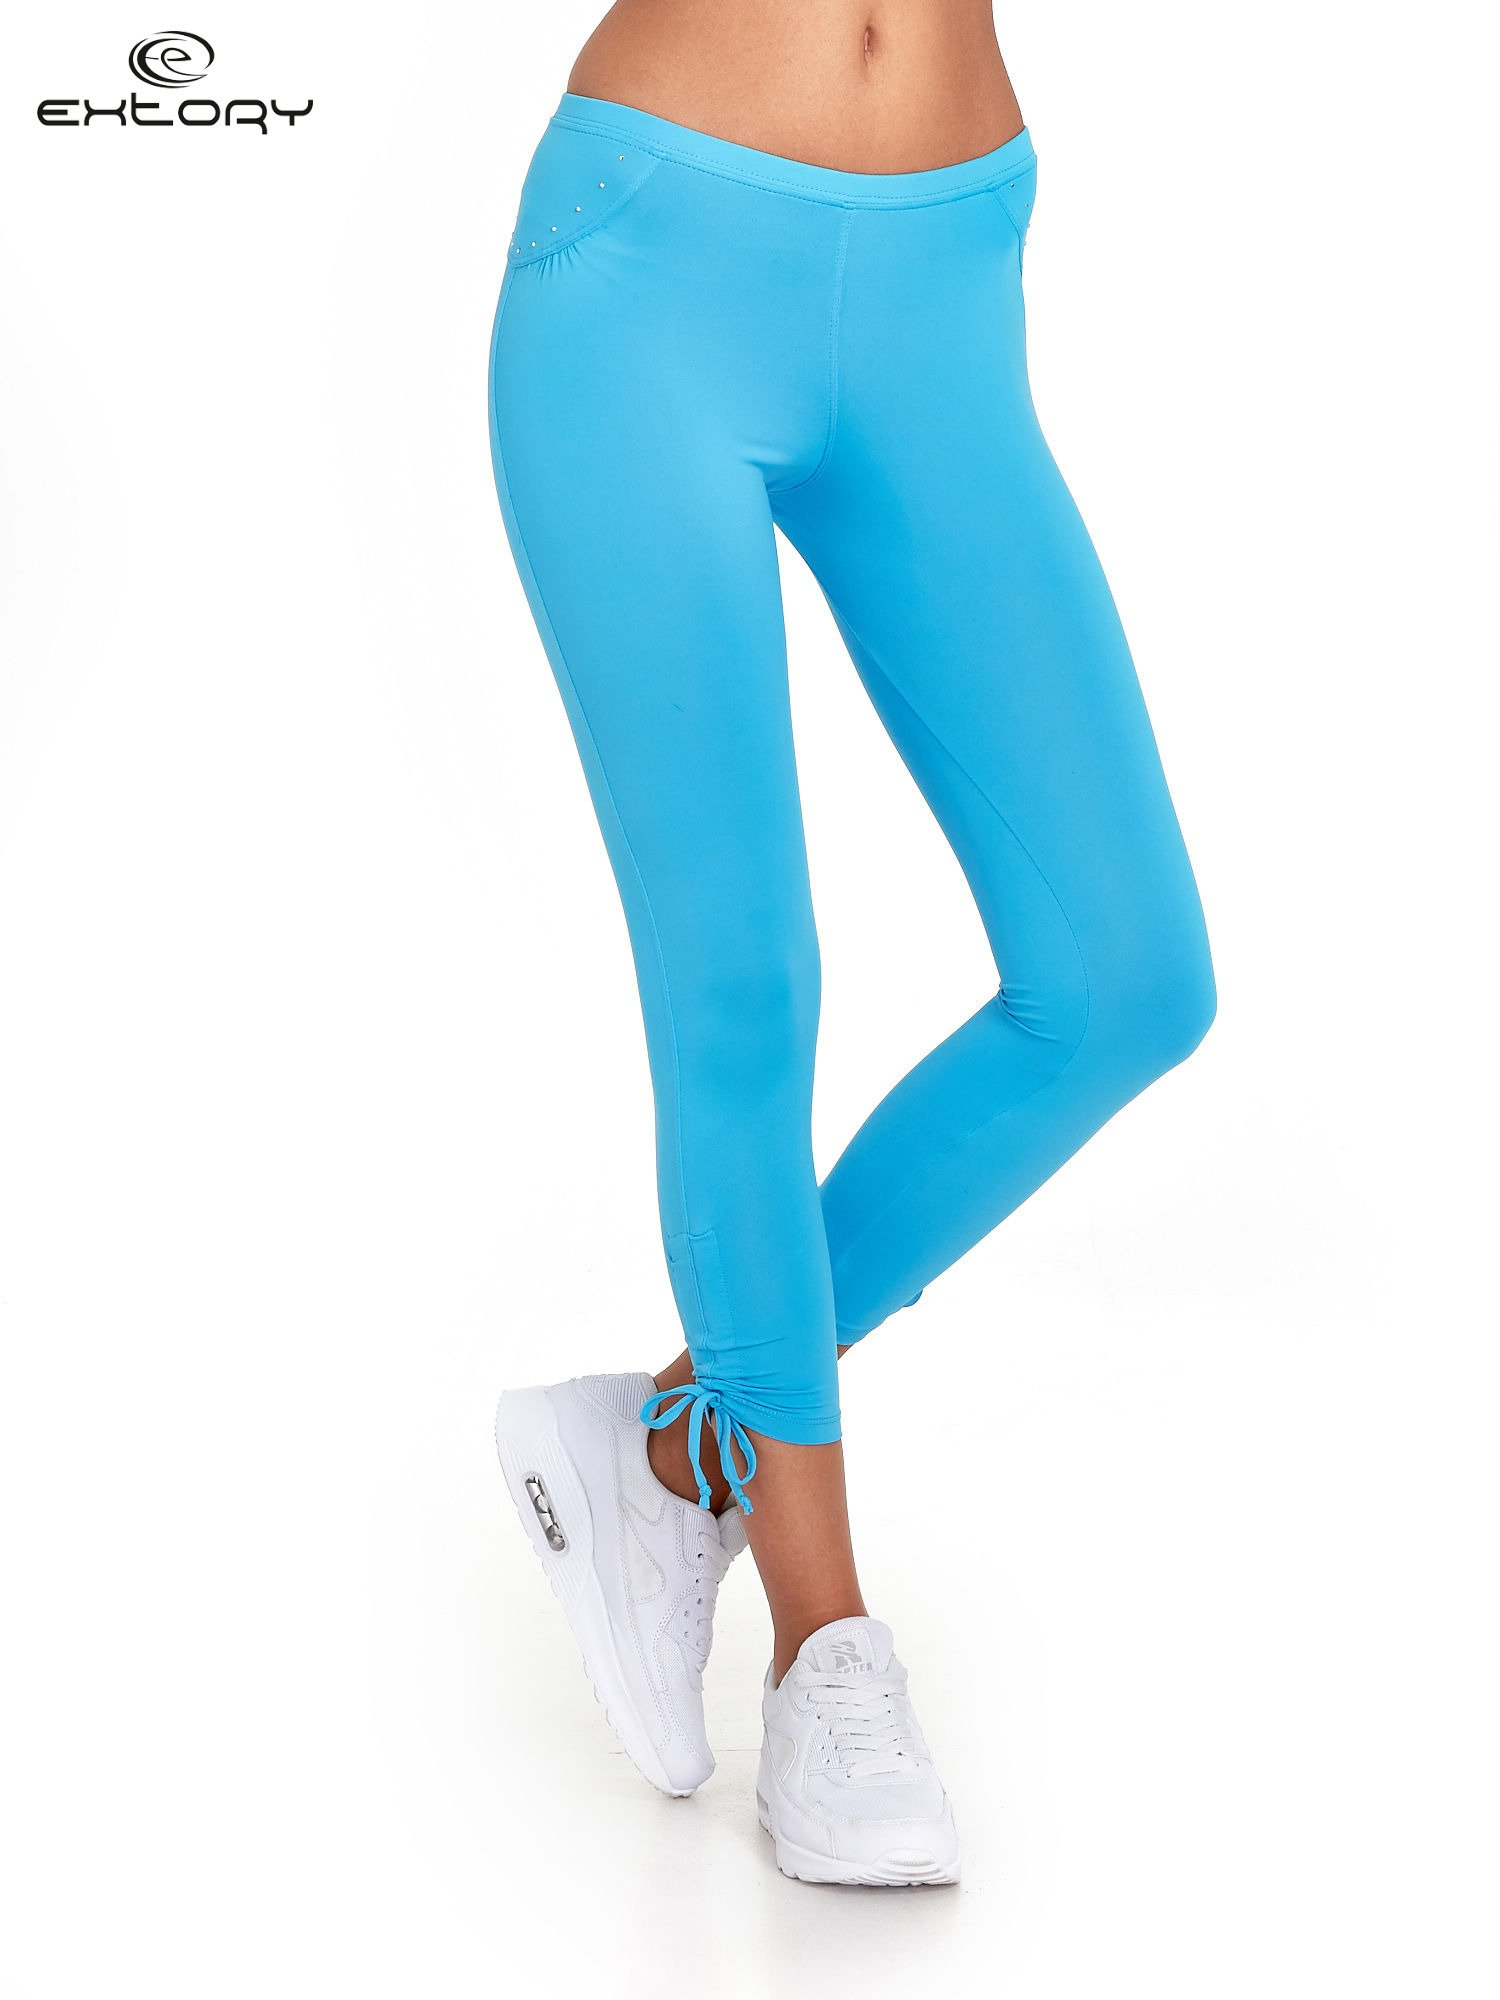 Niebieskie legginsy sportowe termalne z dżetami i ściągaczem                                  zdj.                                  1